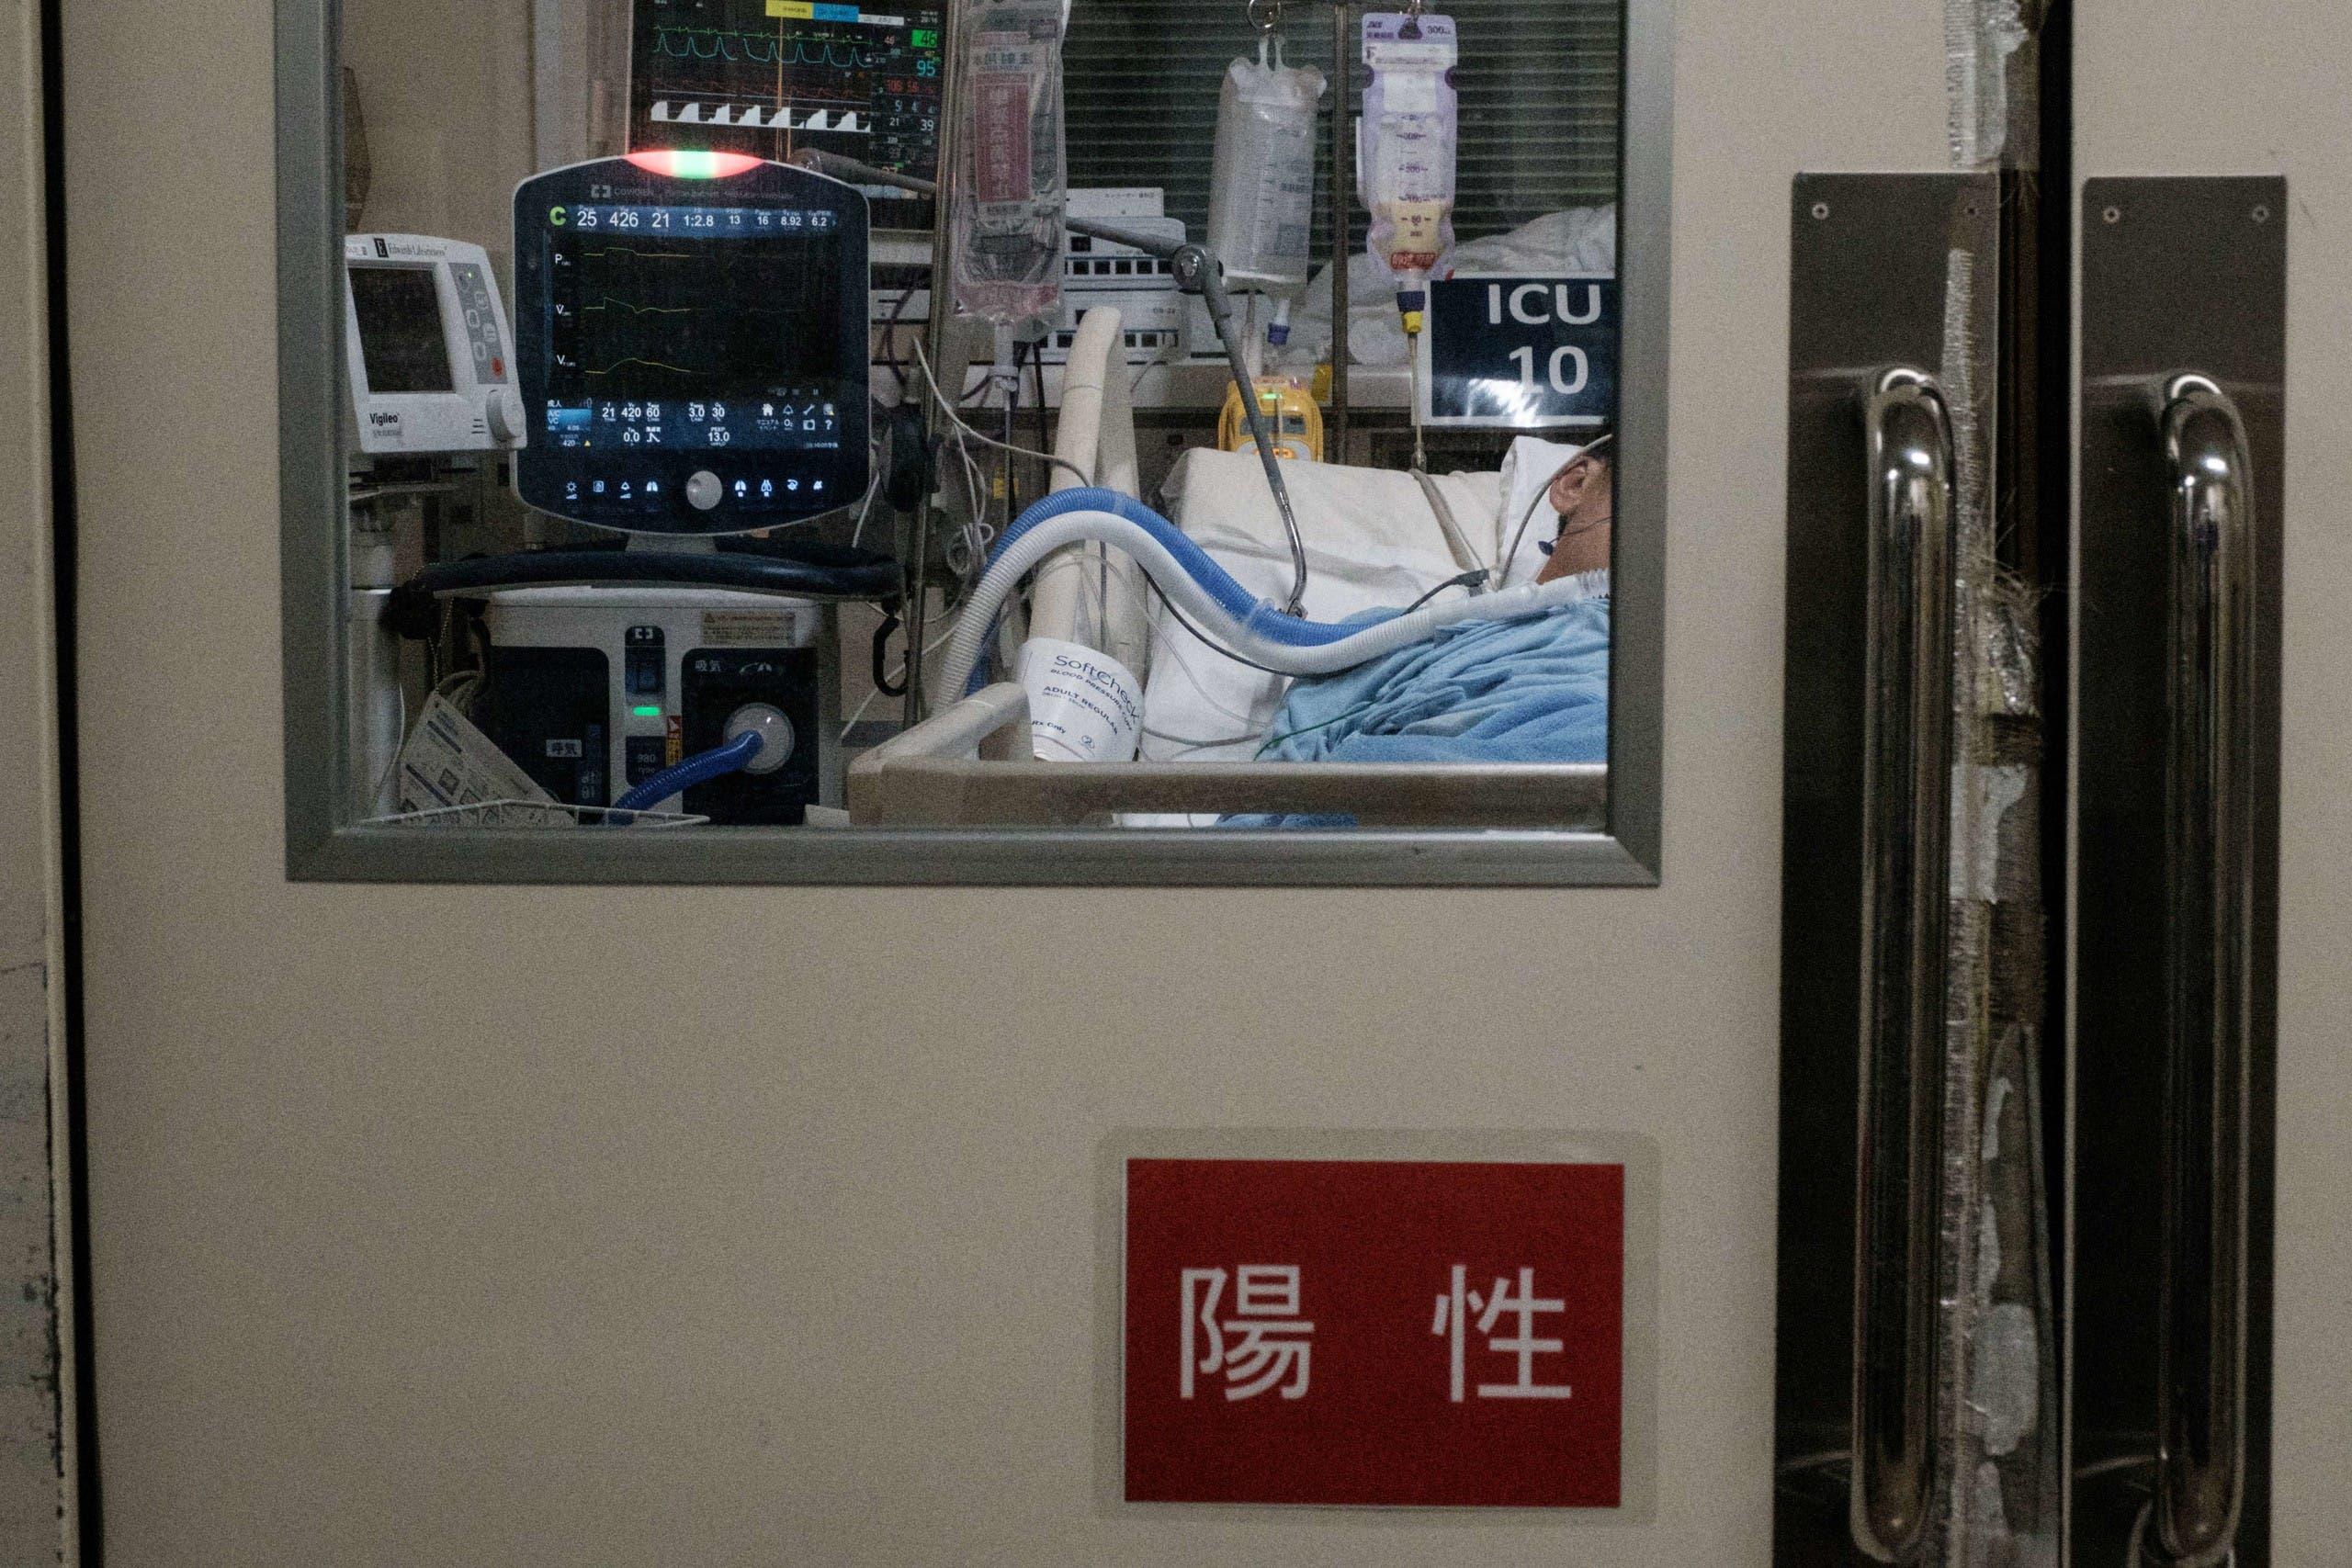 مريض مصاب بكورونا في أحد غرف العناية الفائقة في اليابان